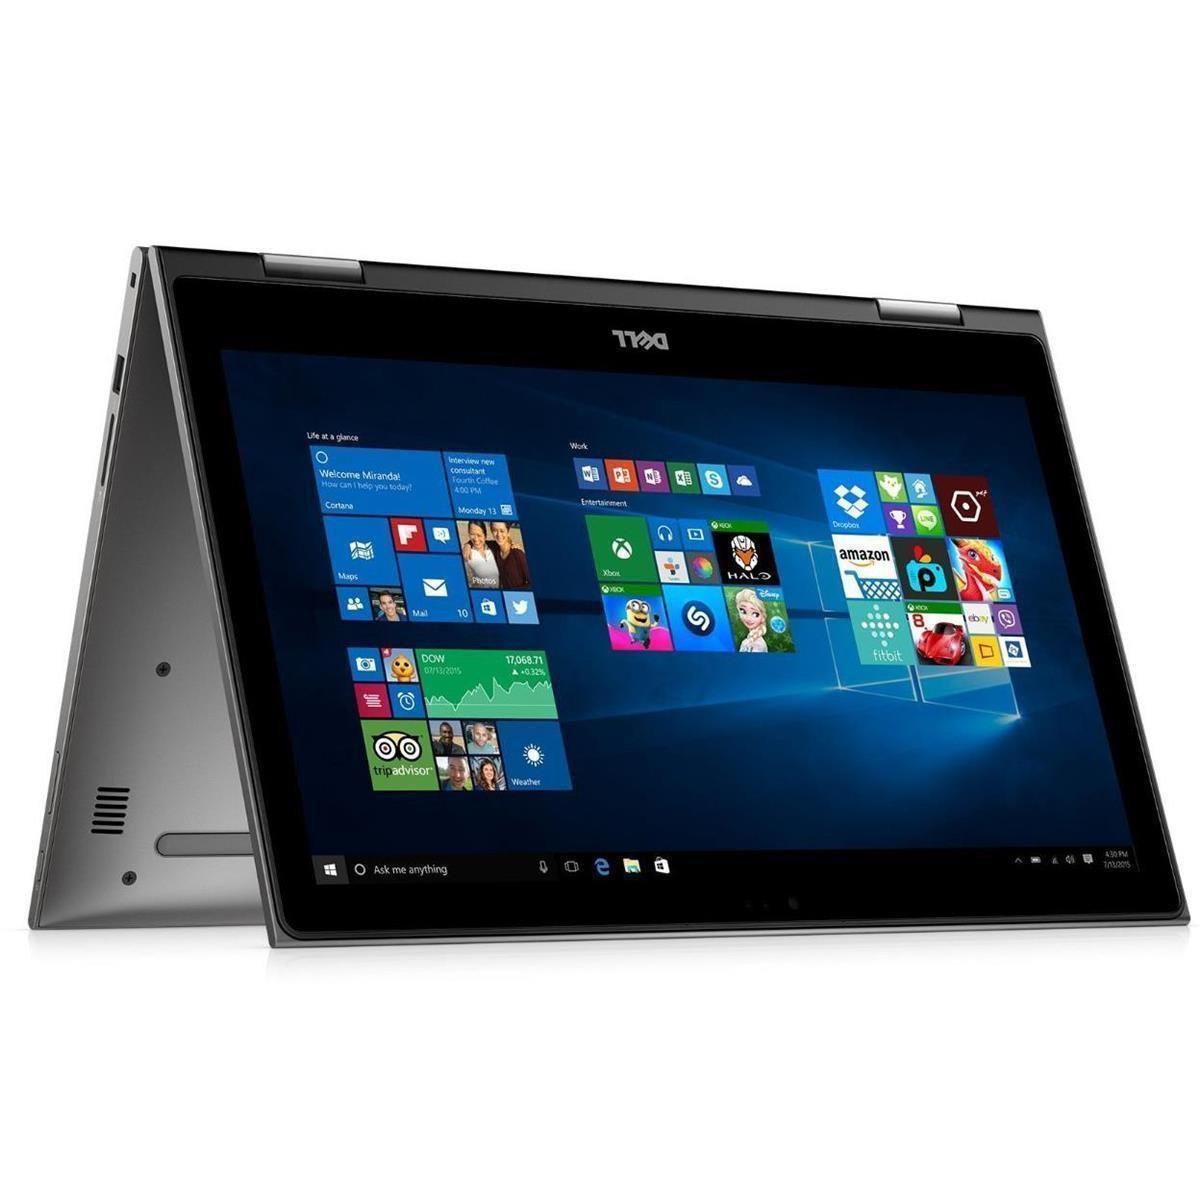 Dell Inspiron 15 5568 2 In 1 15 6 Laptop I7 6500u 500gb 8gb 1080p